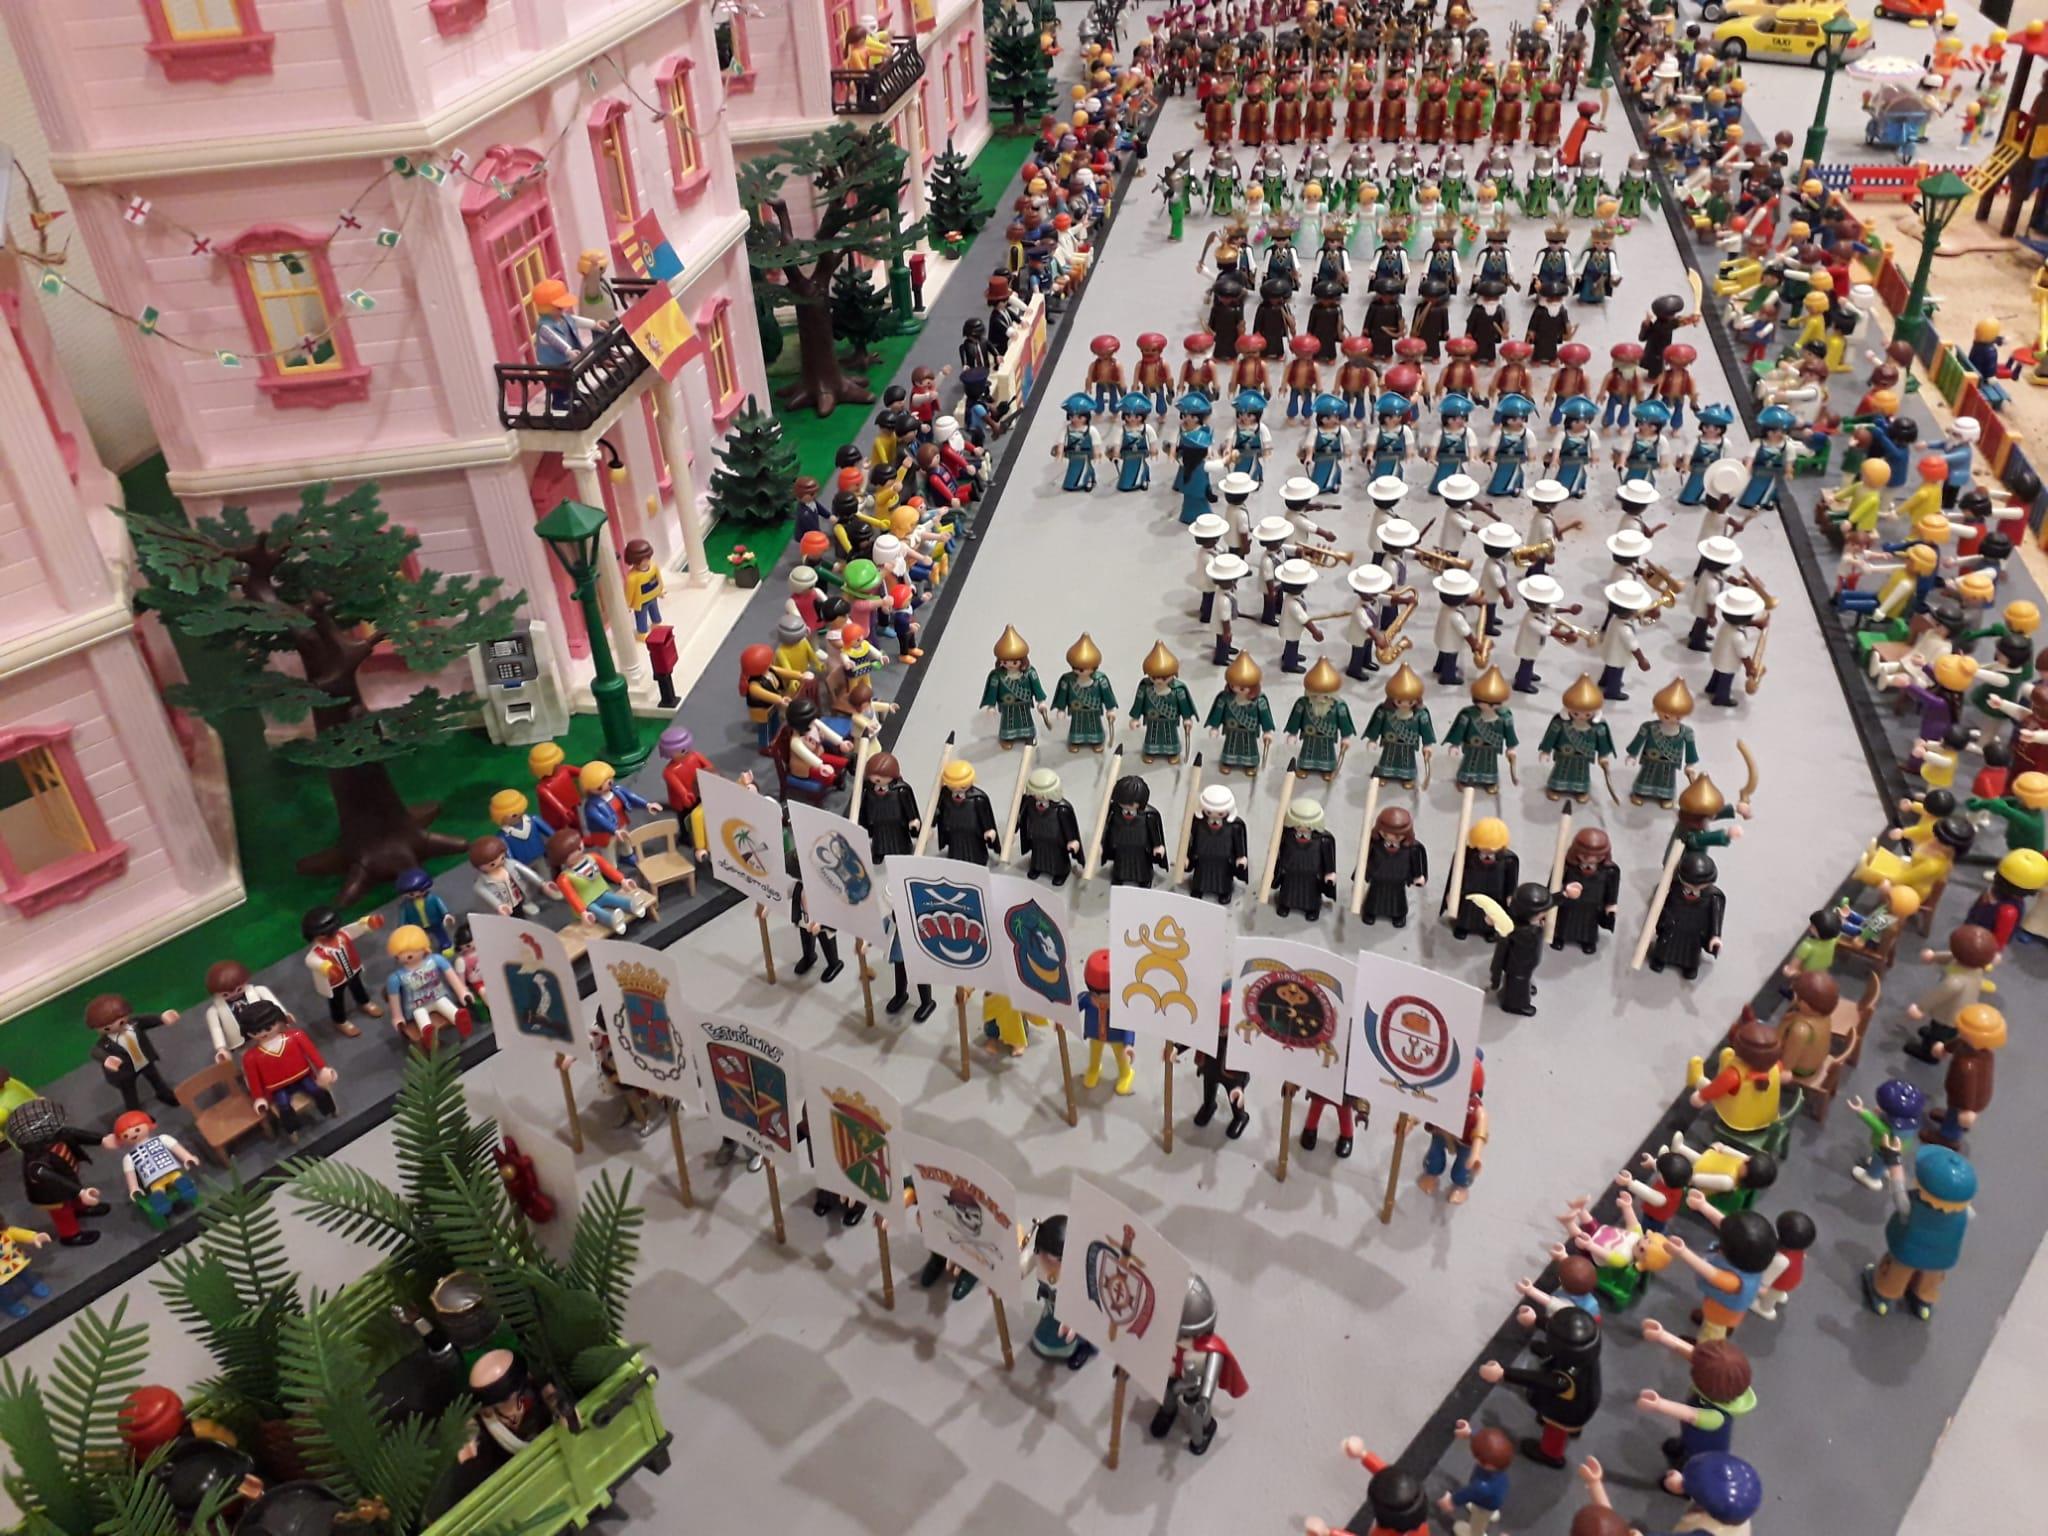 Exposición 'Playmobil' en San Vicente del Raspeig